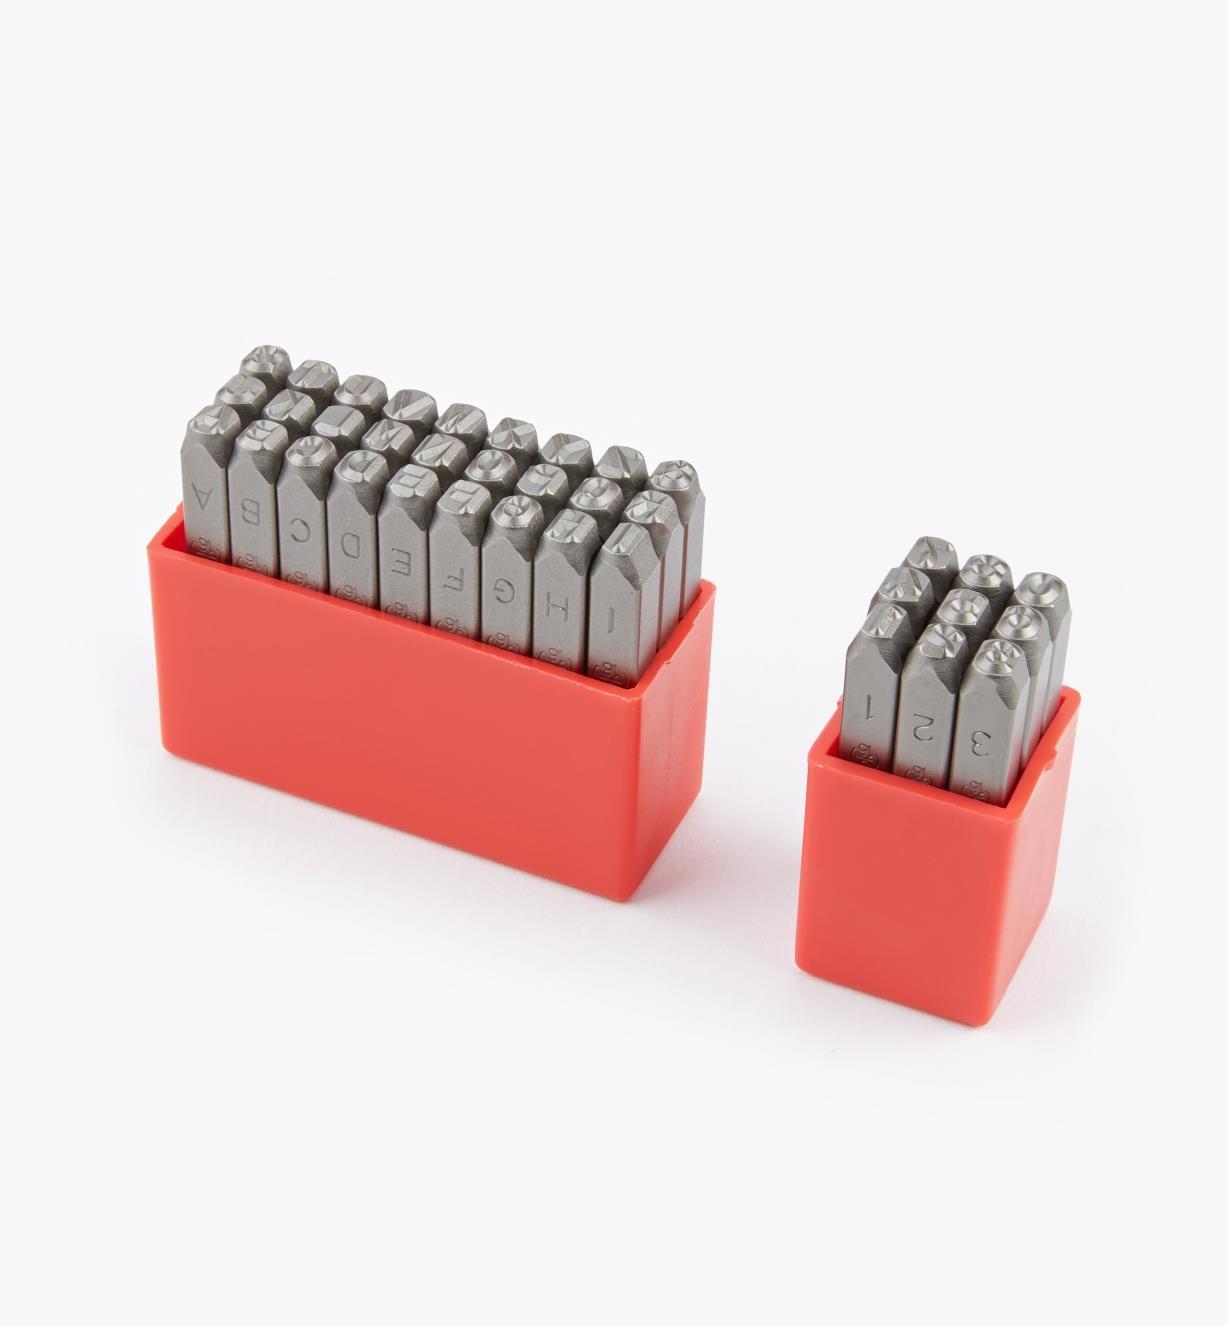 92W6825 - 5mm Letter & Number Stamp Set